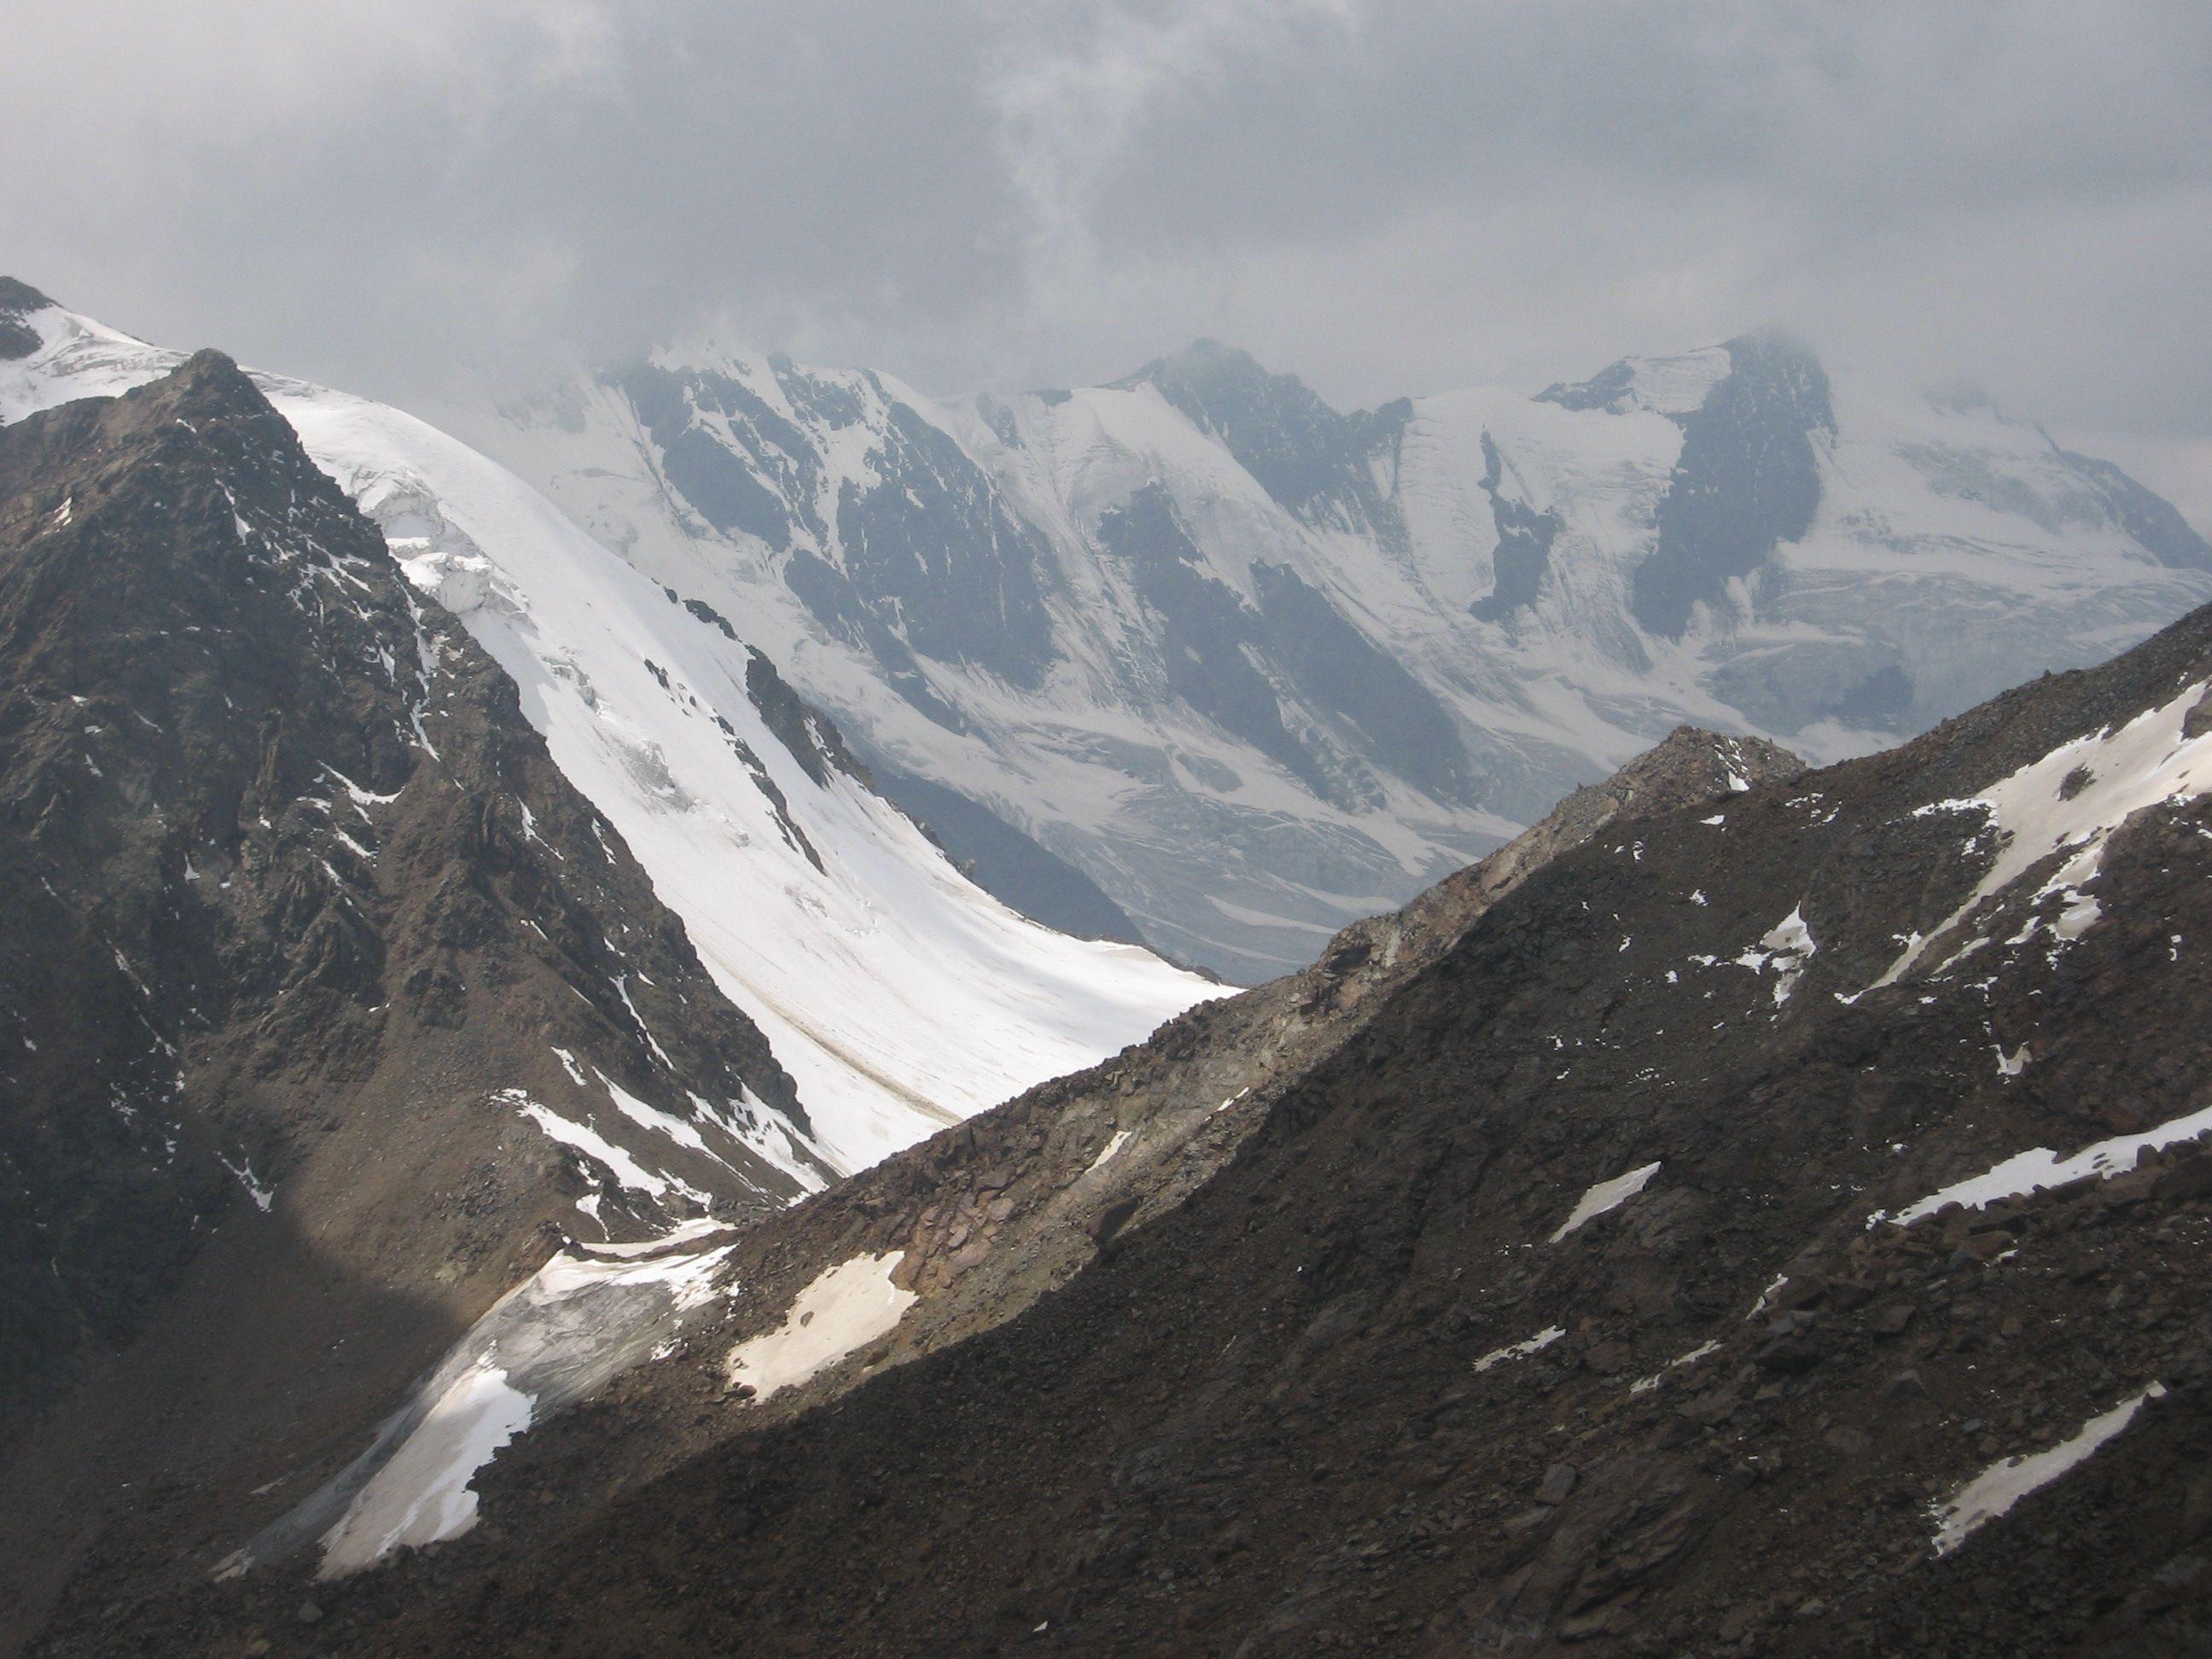 ghiacciai scomparsi